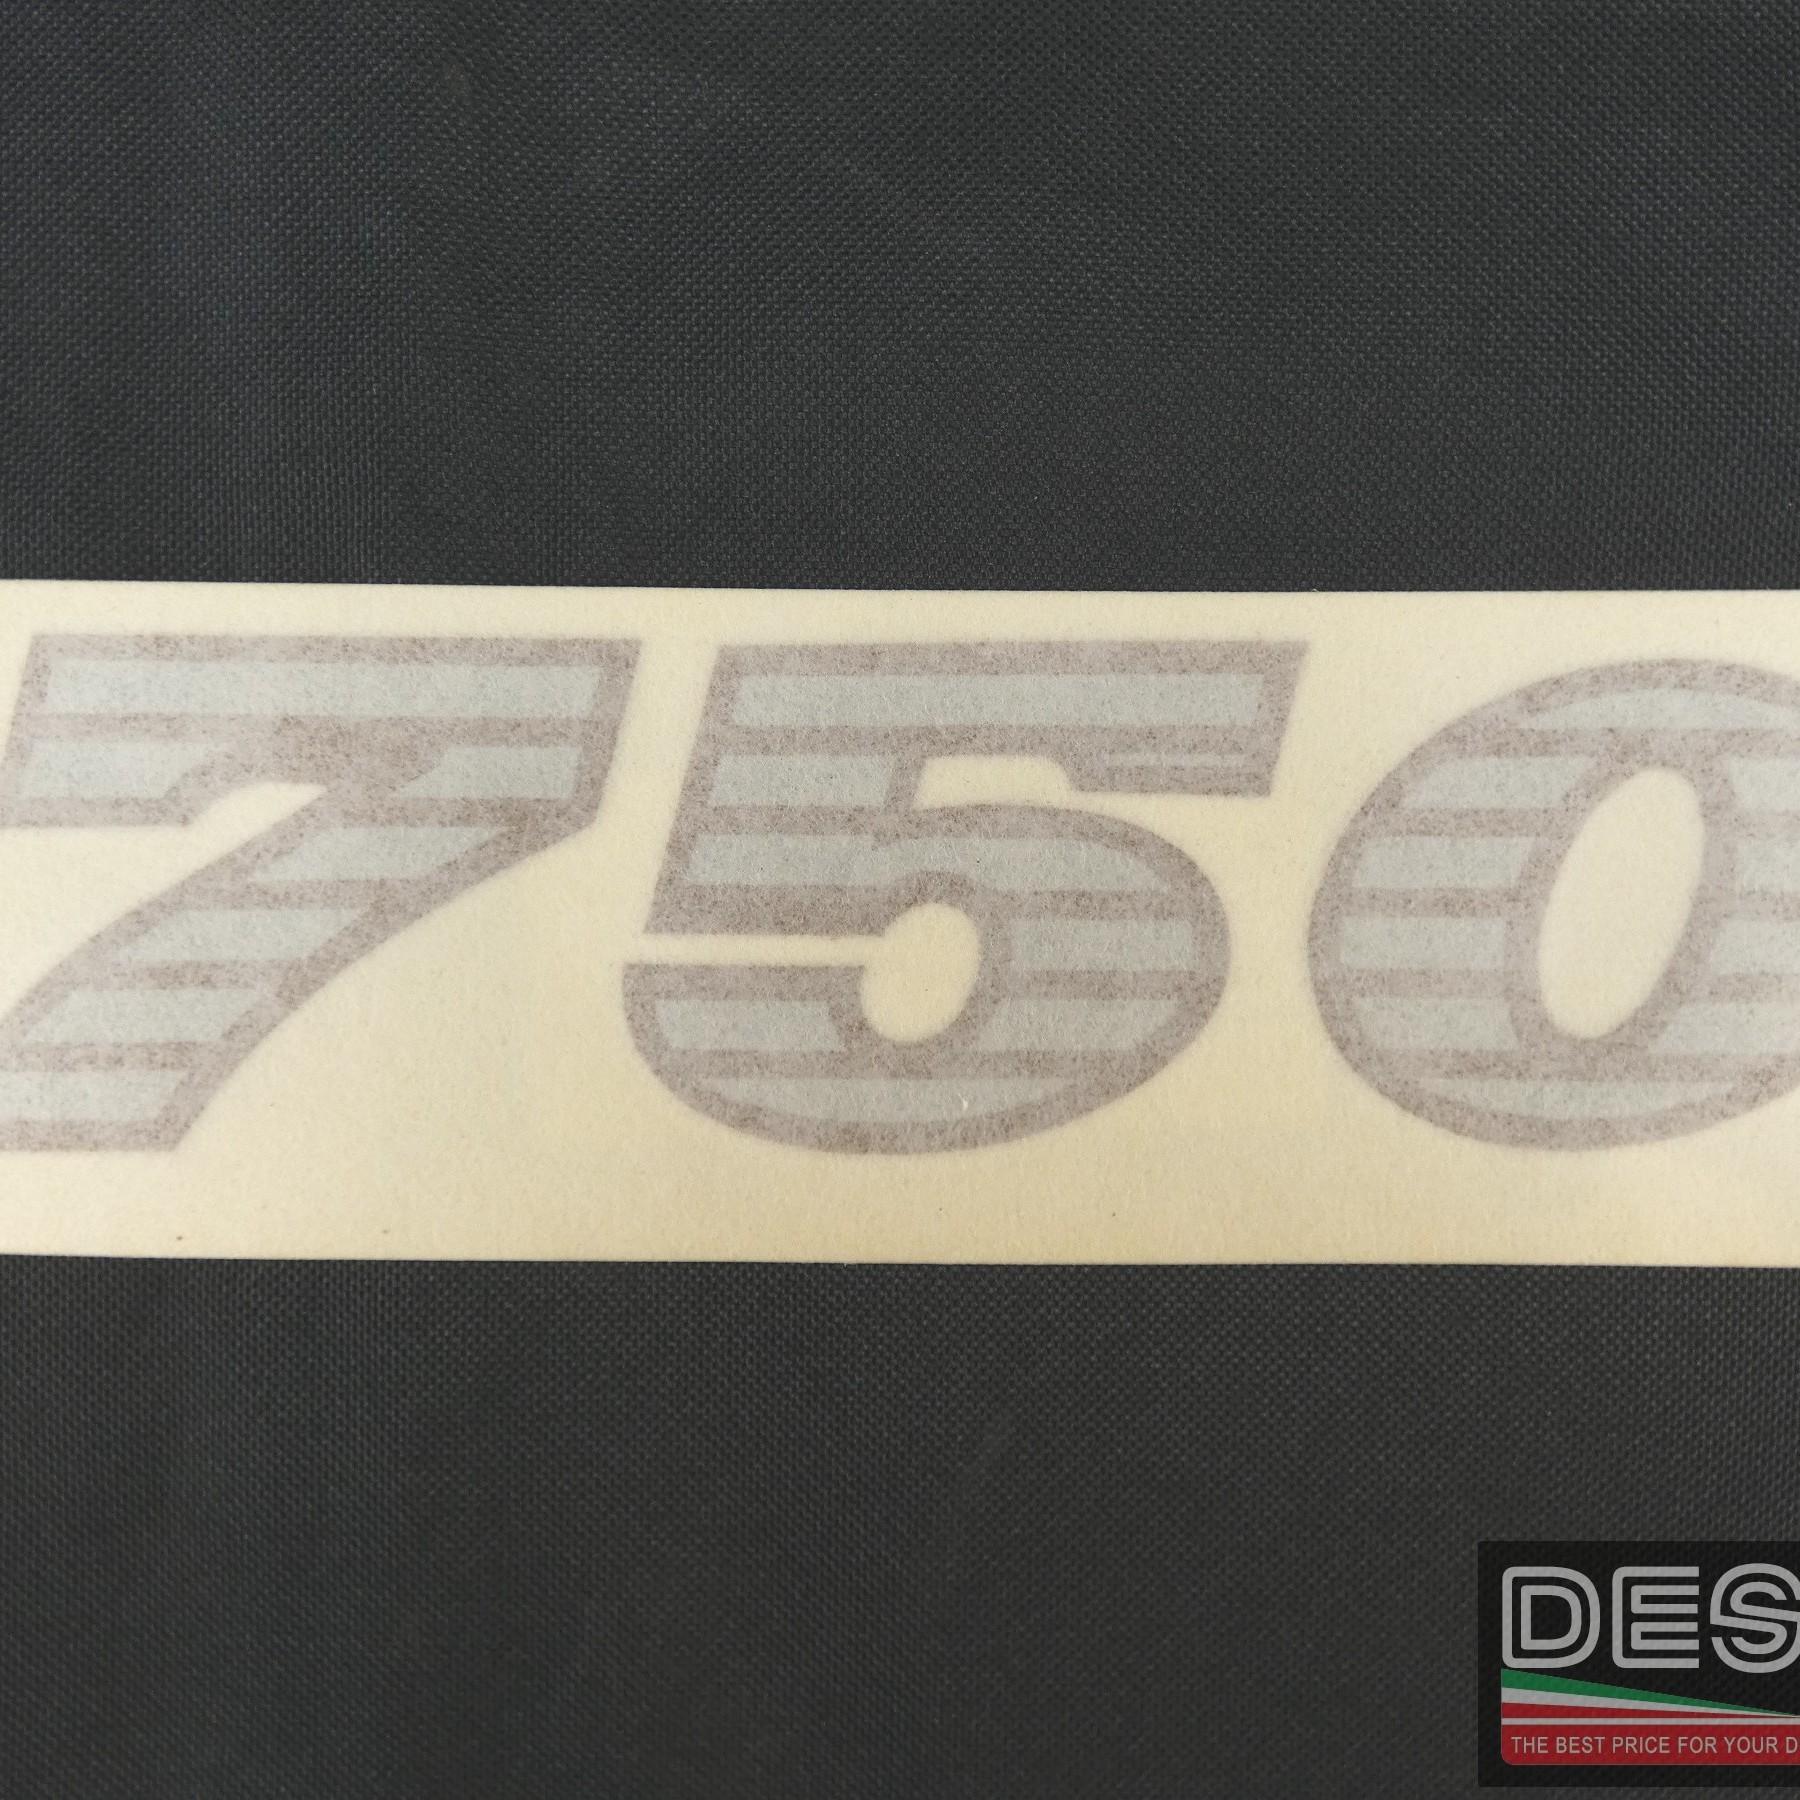 Adesivo decal Ducati 750